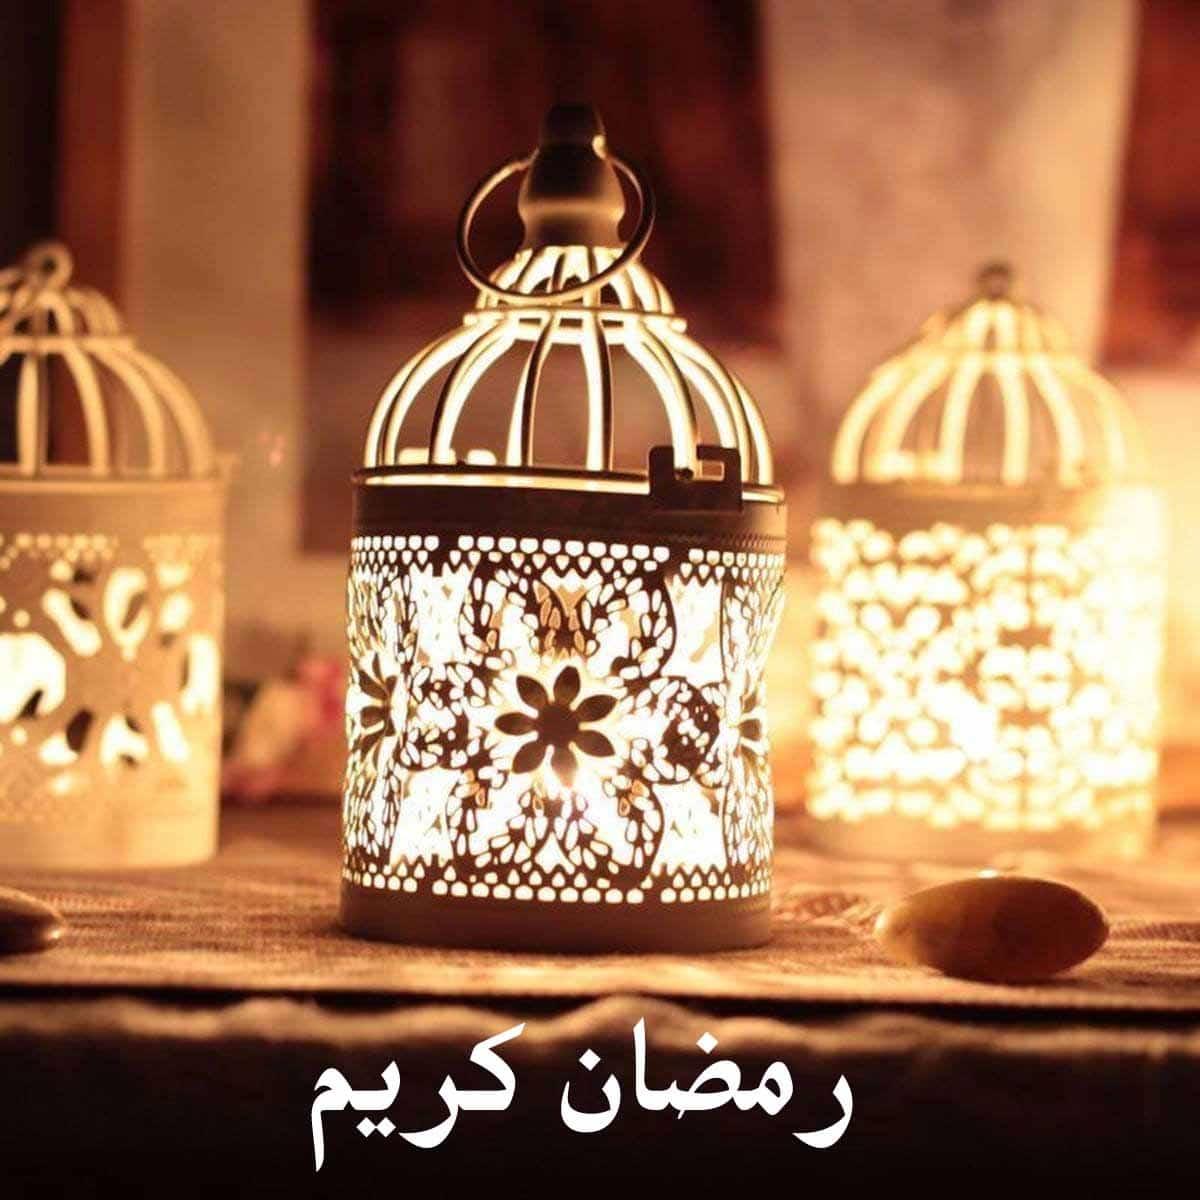 نتيجة بحث الصور عن اجمل صور رمضان